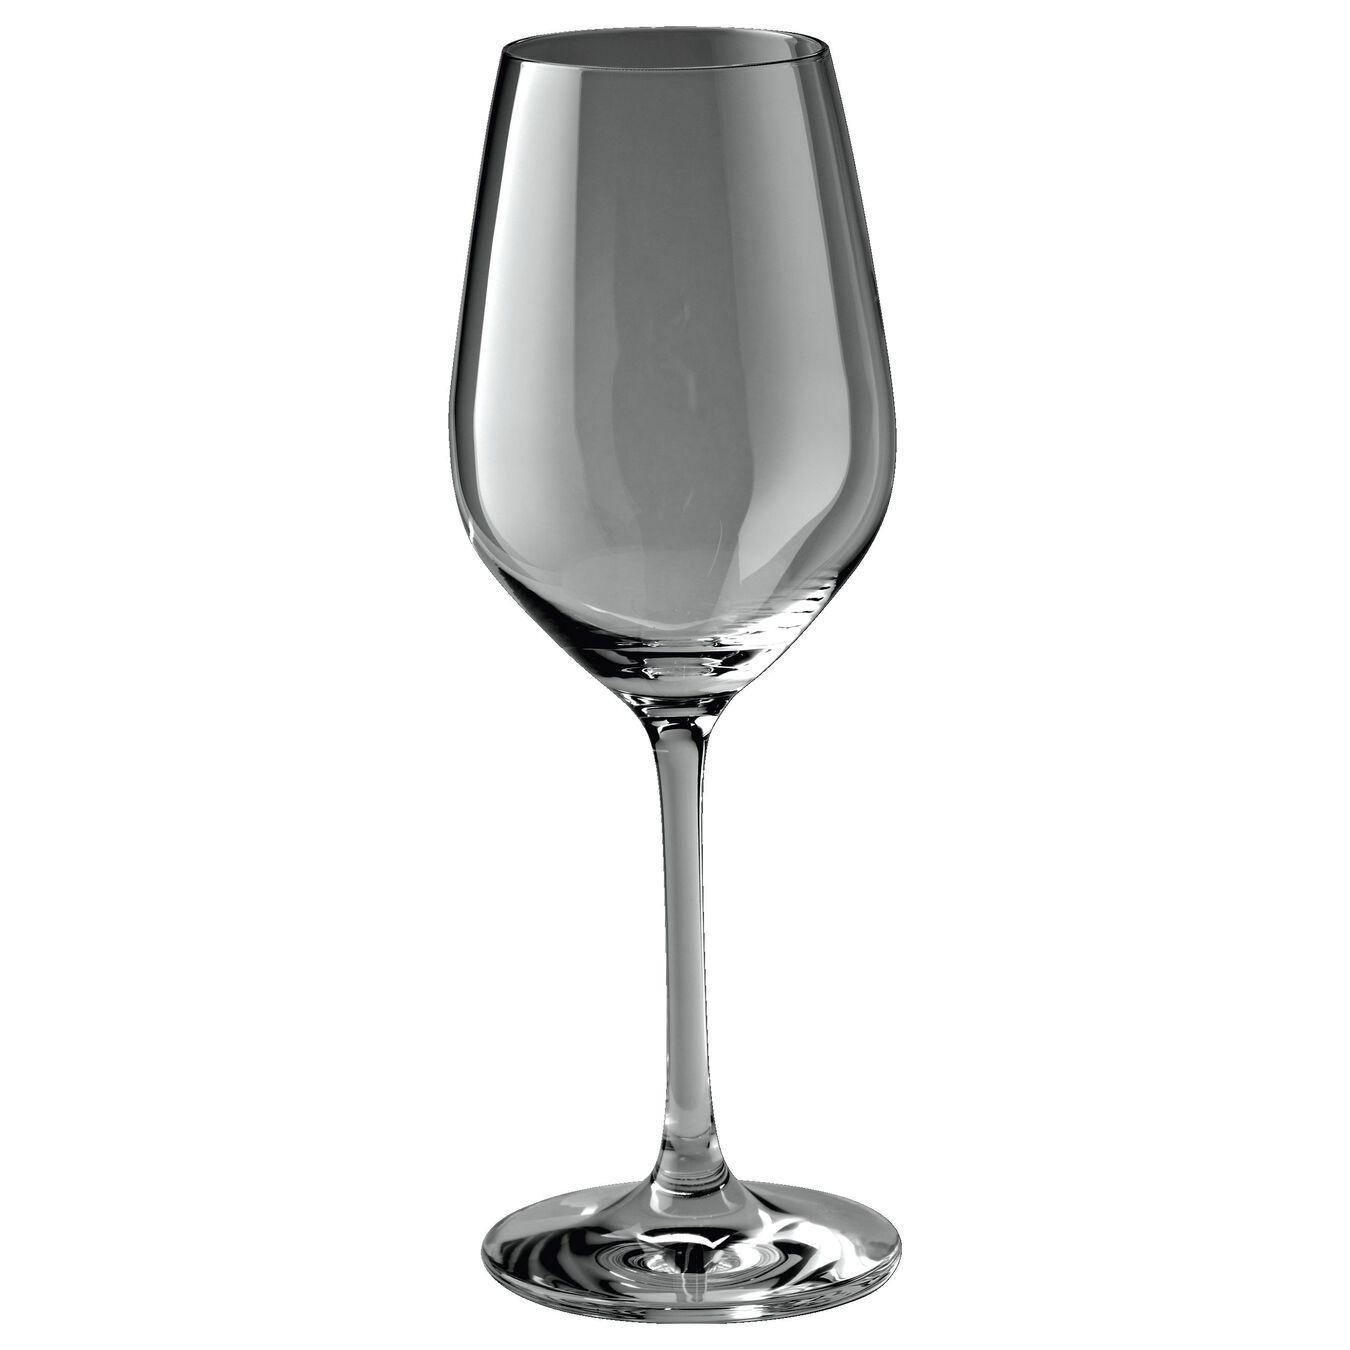 Tazza di vino bianco - 280 ml, vetro cristallino,,large 1